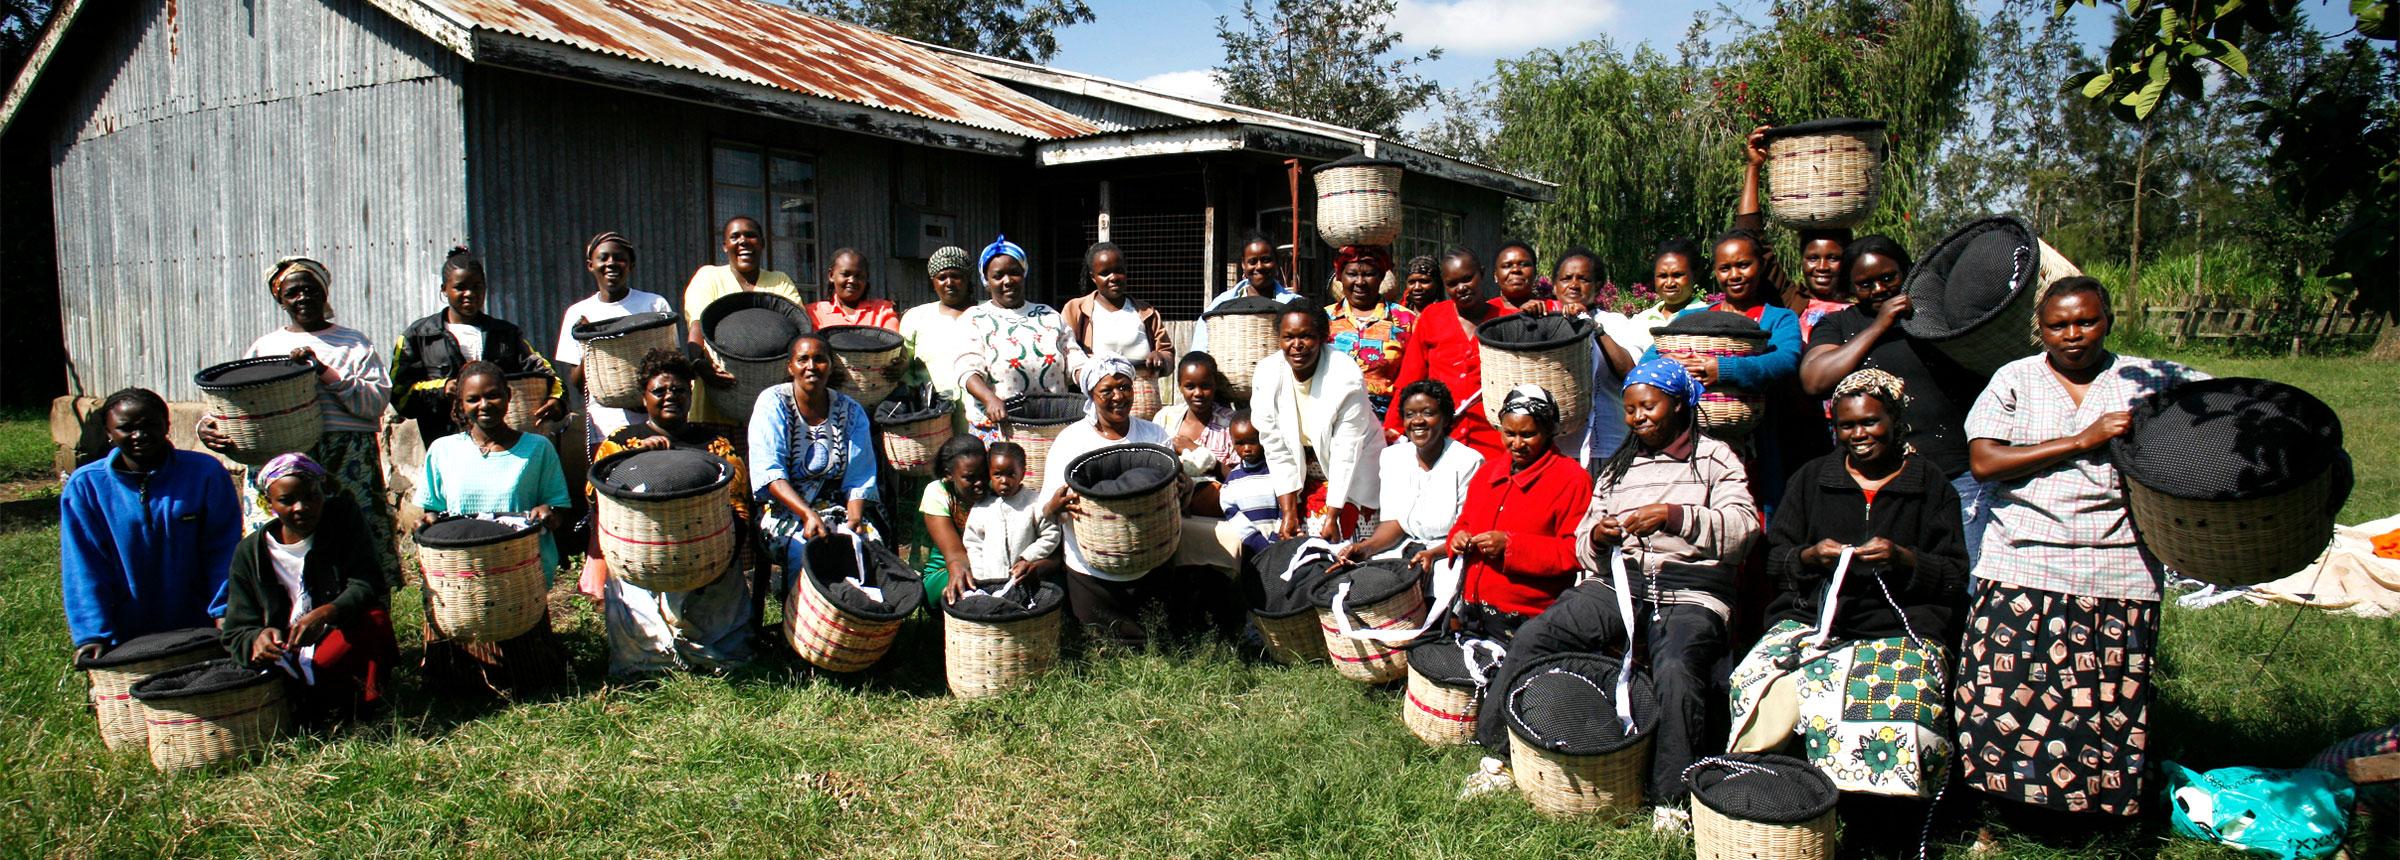 African Basket weavers